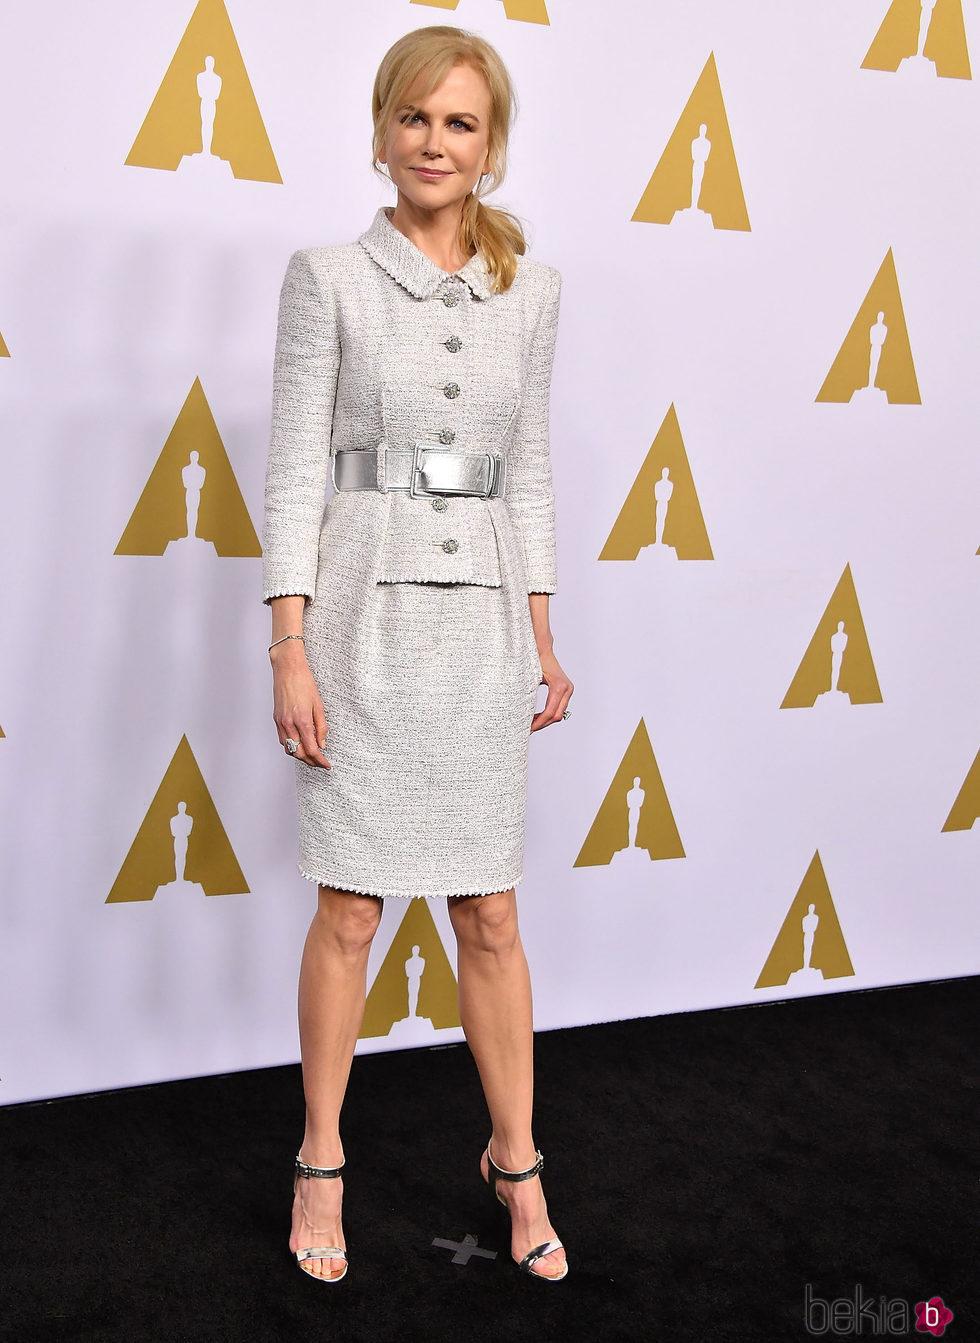 Nicole Kidman en el almuerzo de los nominados a los Oscar 2017